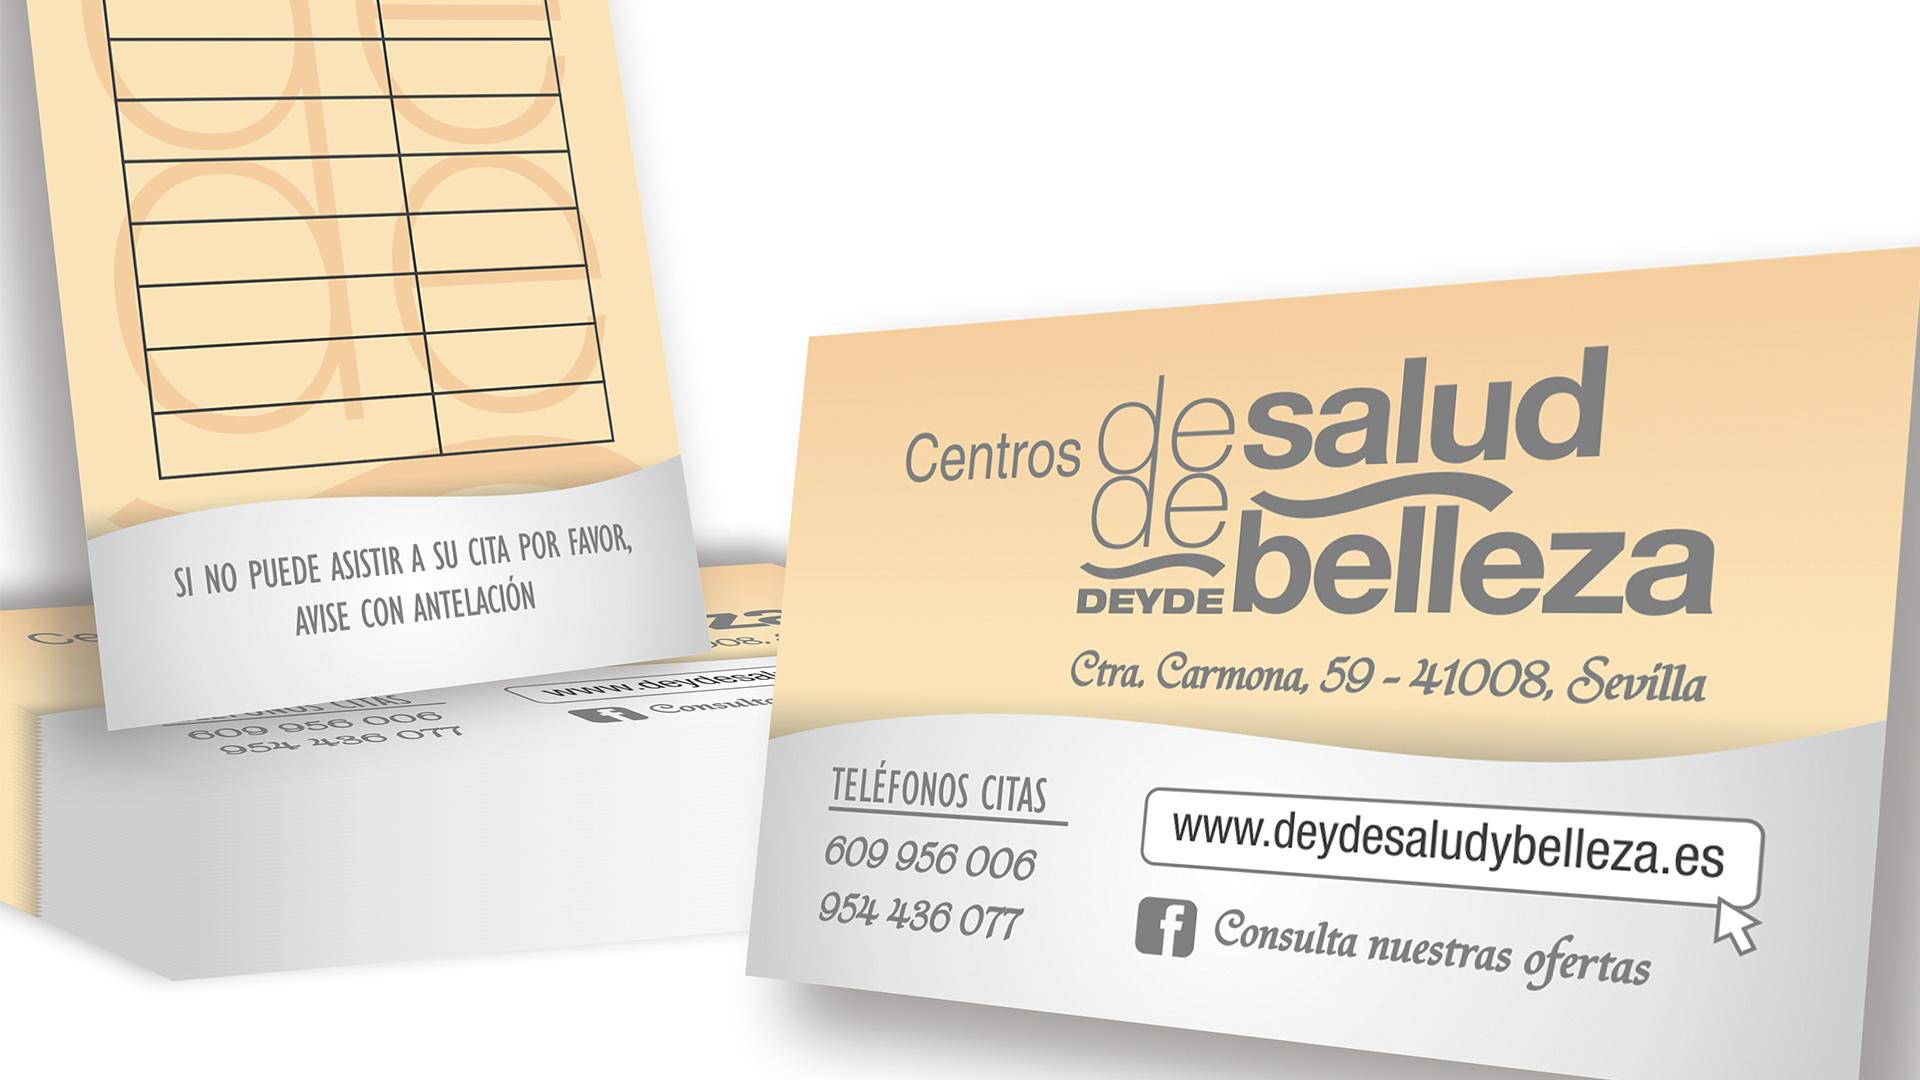 Centro de Salud y Belleza Deyde